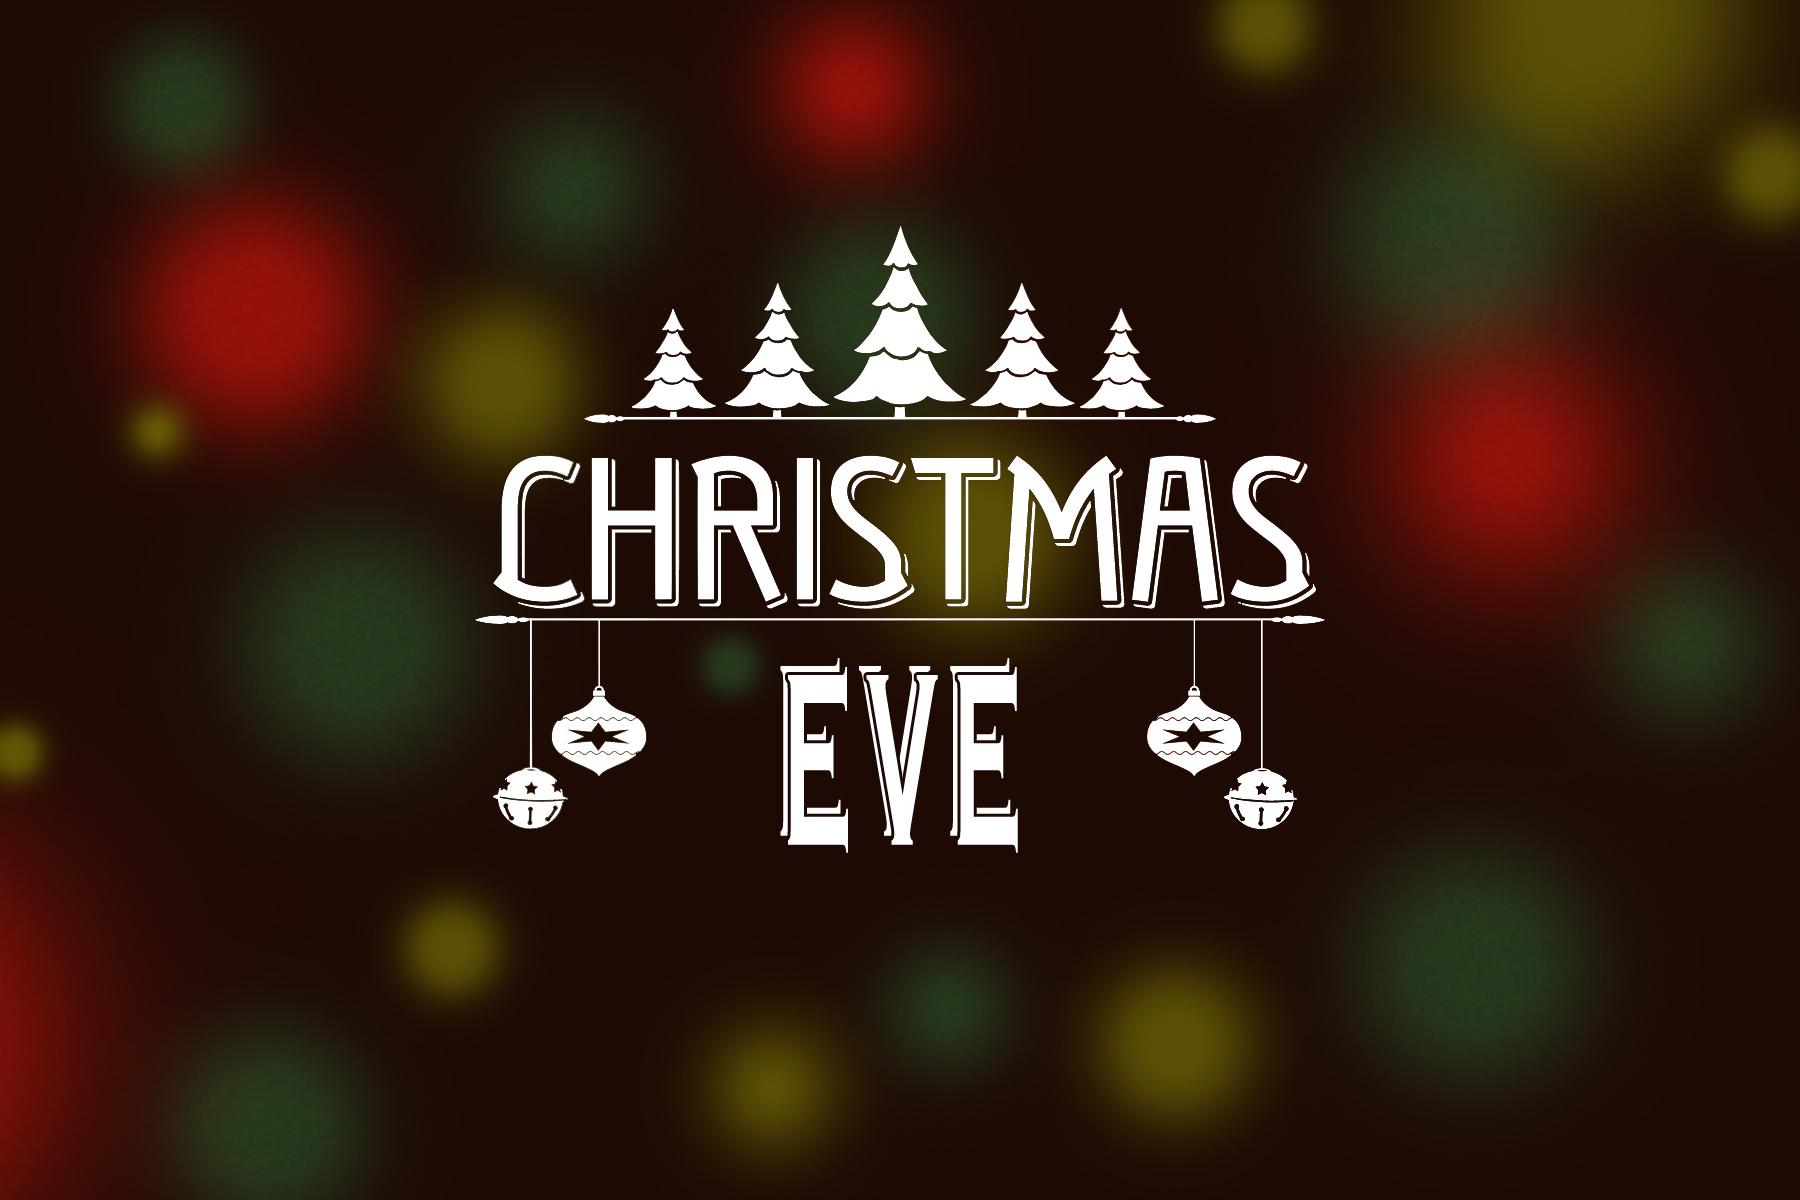 Christmas Eve 2019 - Calendar Date. When is Christmas Eve 2019?